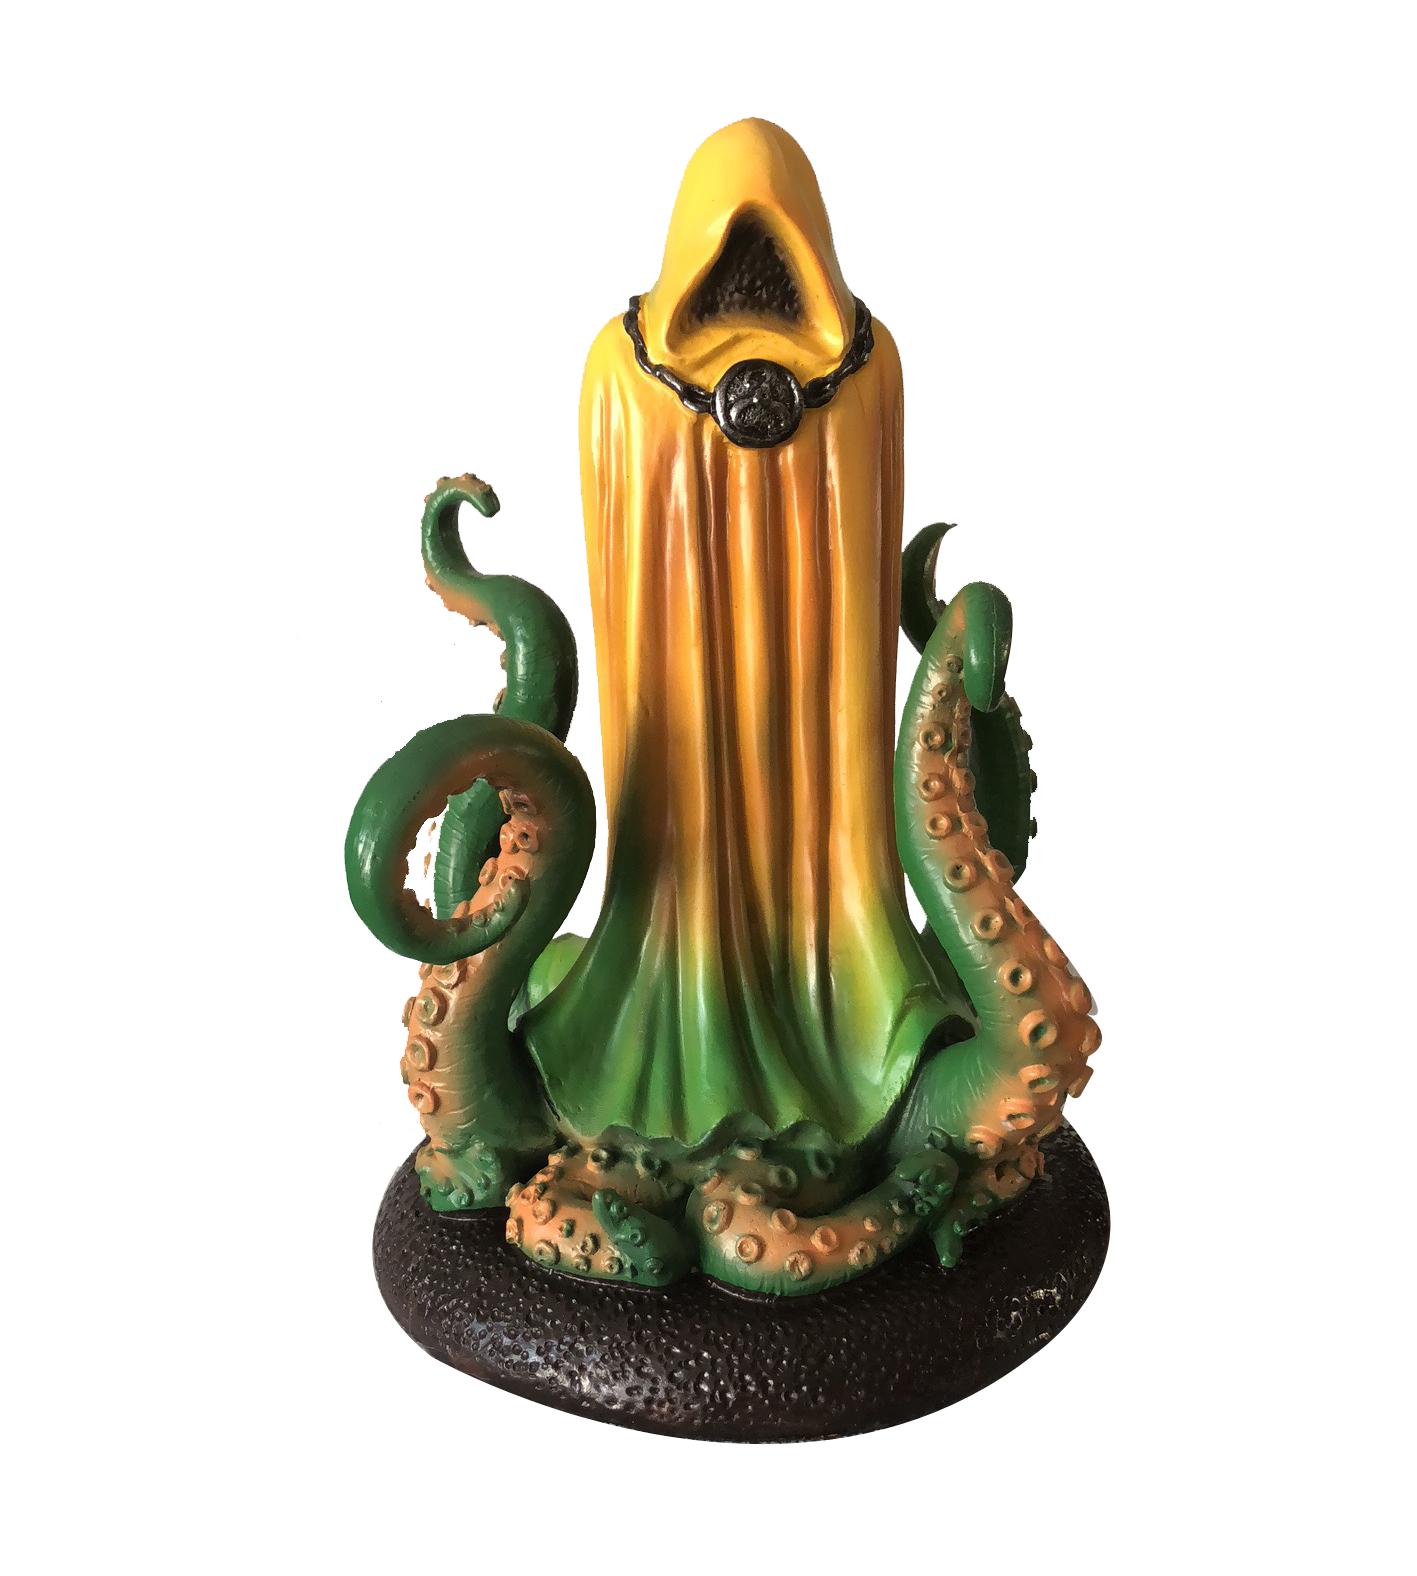 克苏鲁神话周边黄衣之王哈斯塔手办第五人格黄衣之主邪神